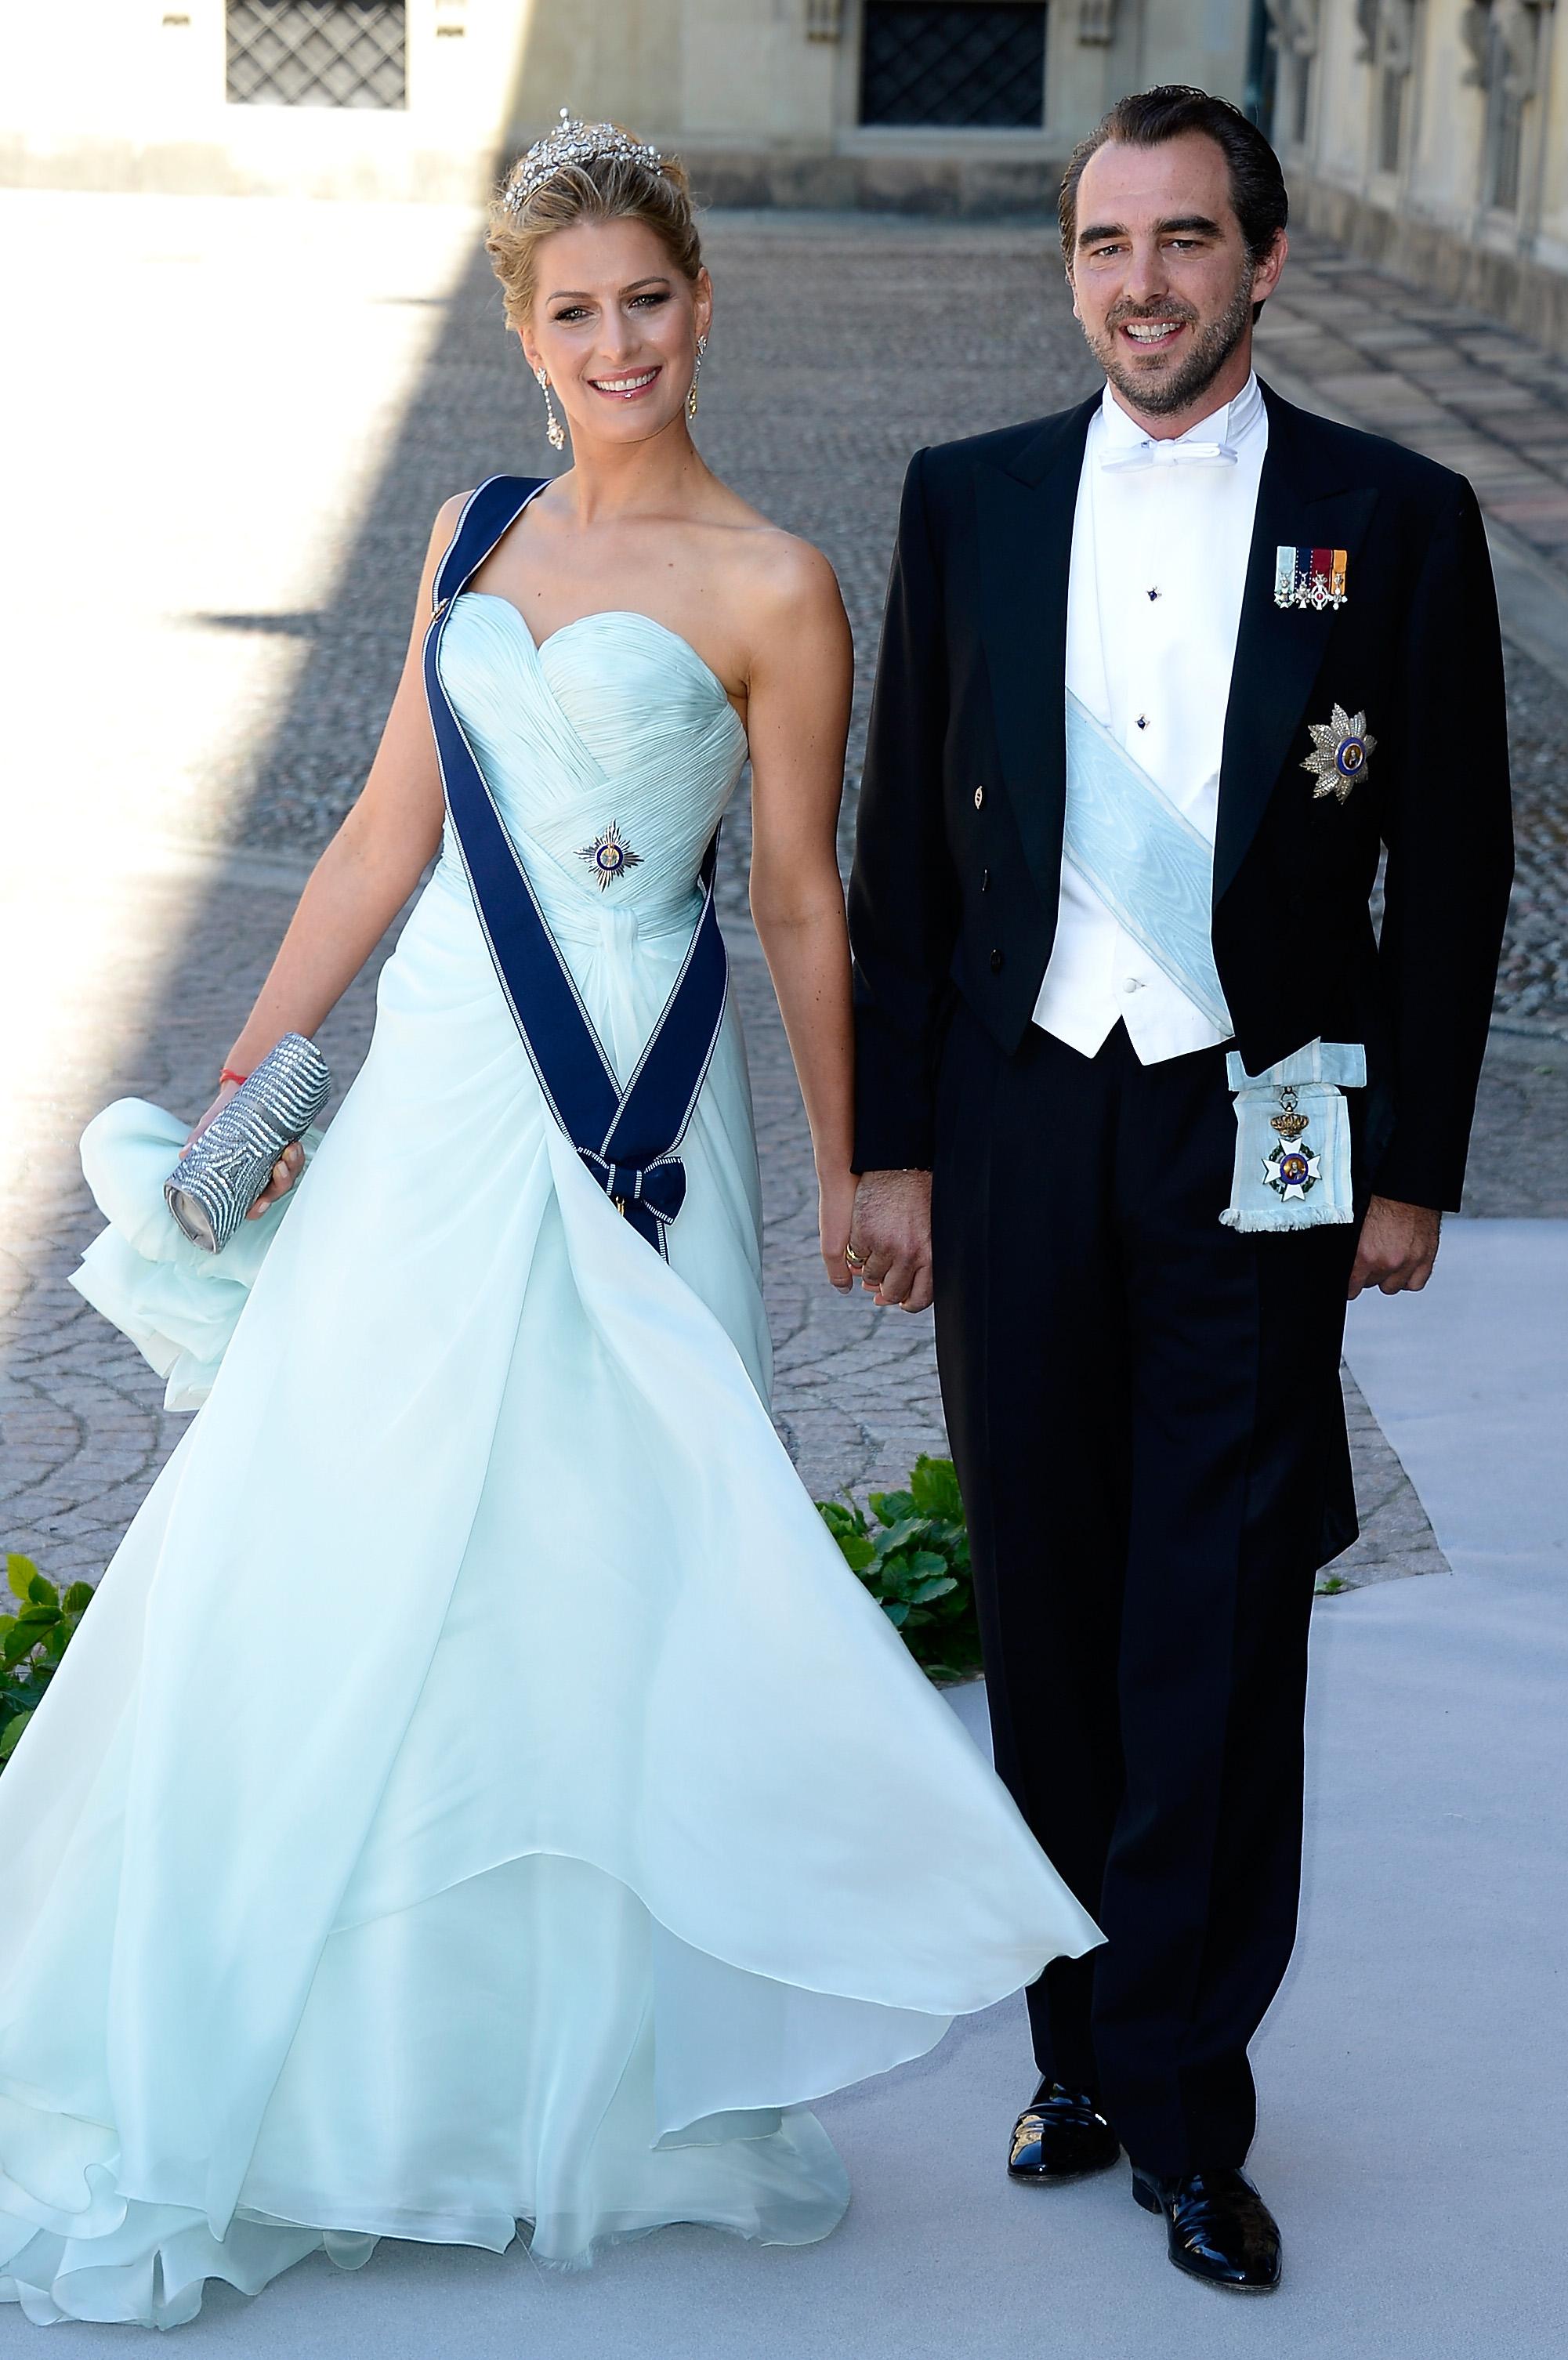 Prinzessin Tatiana und Prinz Nikolaos teilen ihre Liebeserklärungen gerne im Internet.  ©Getty Images